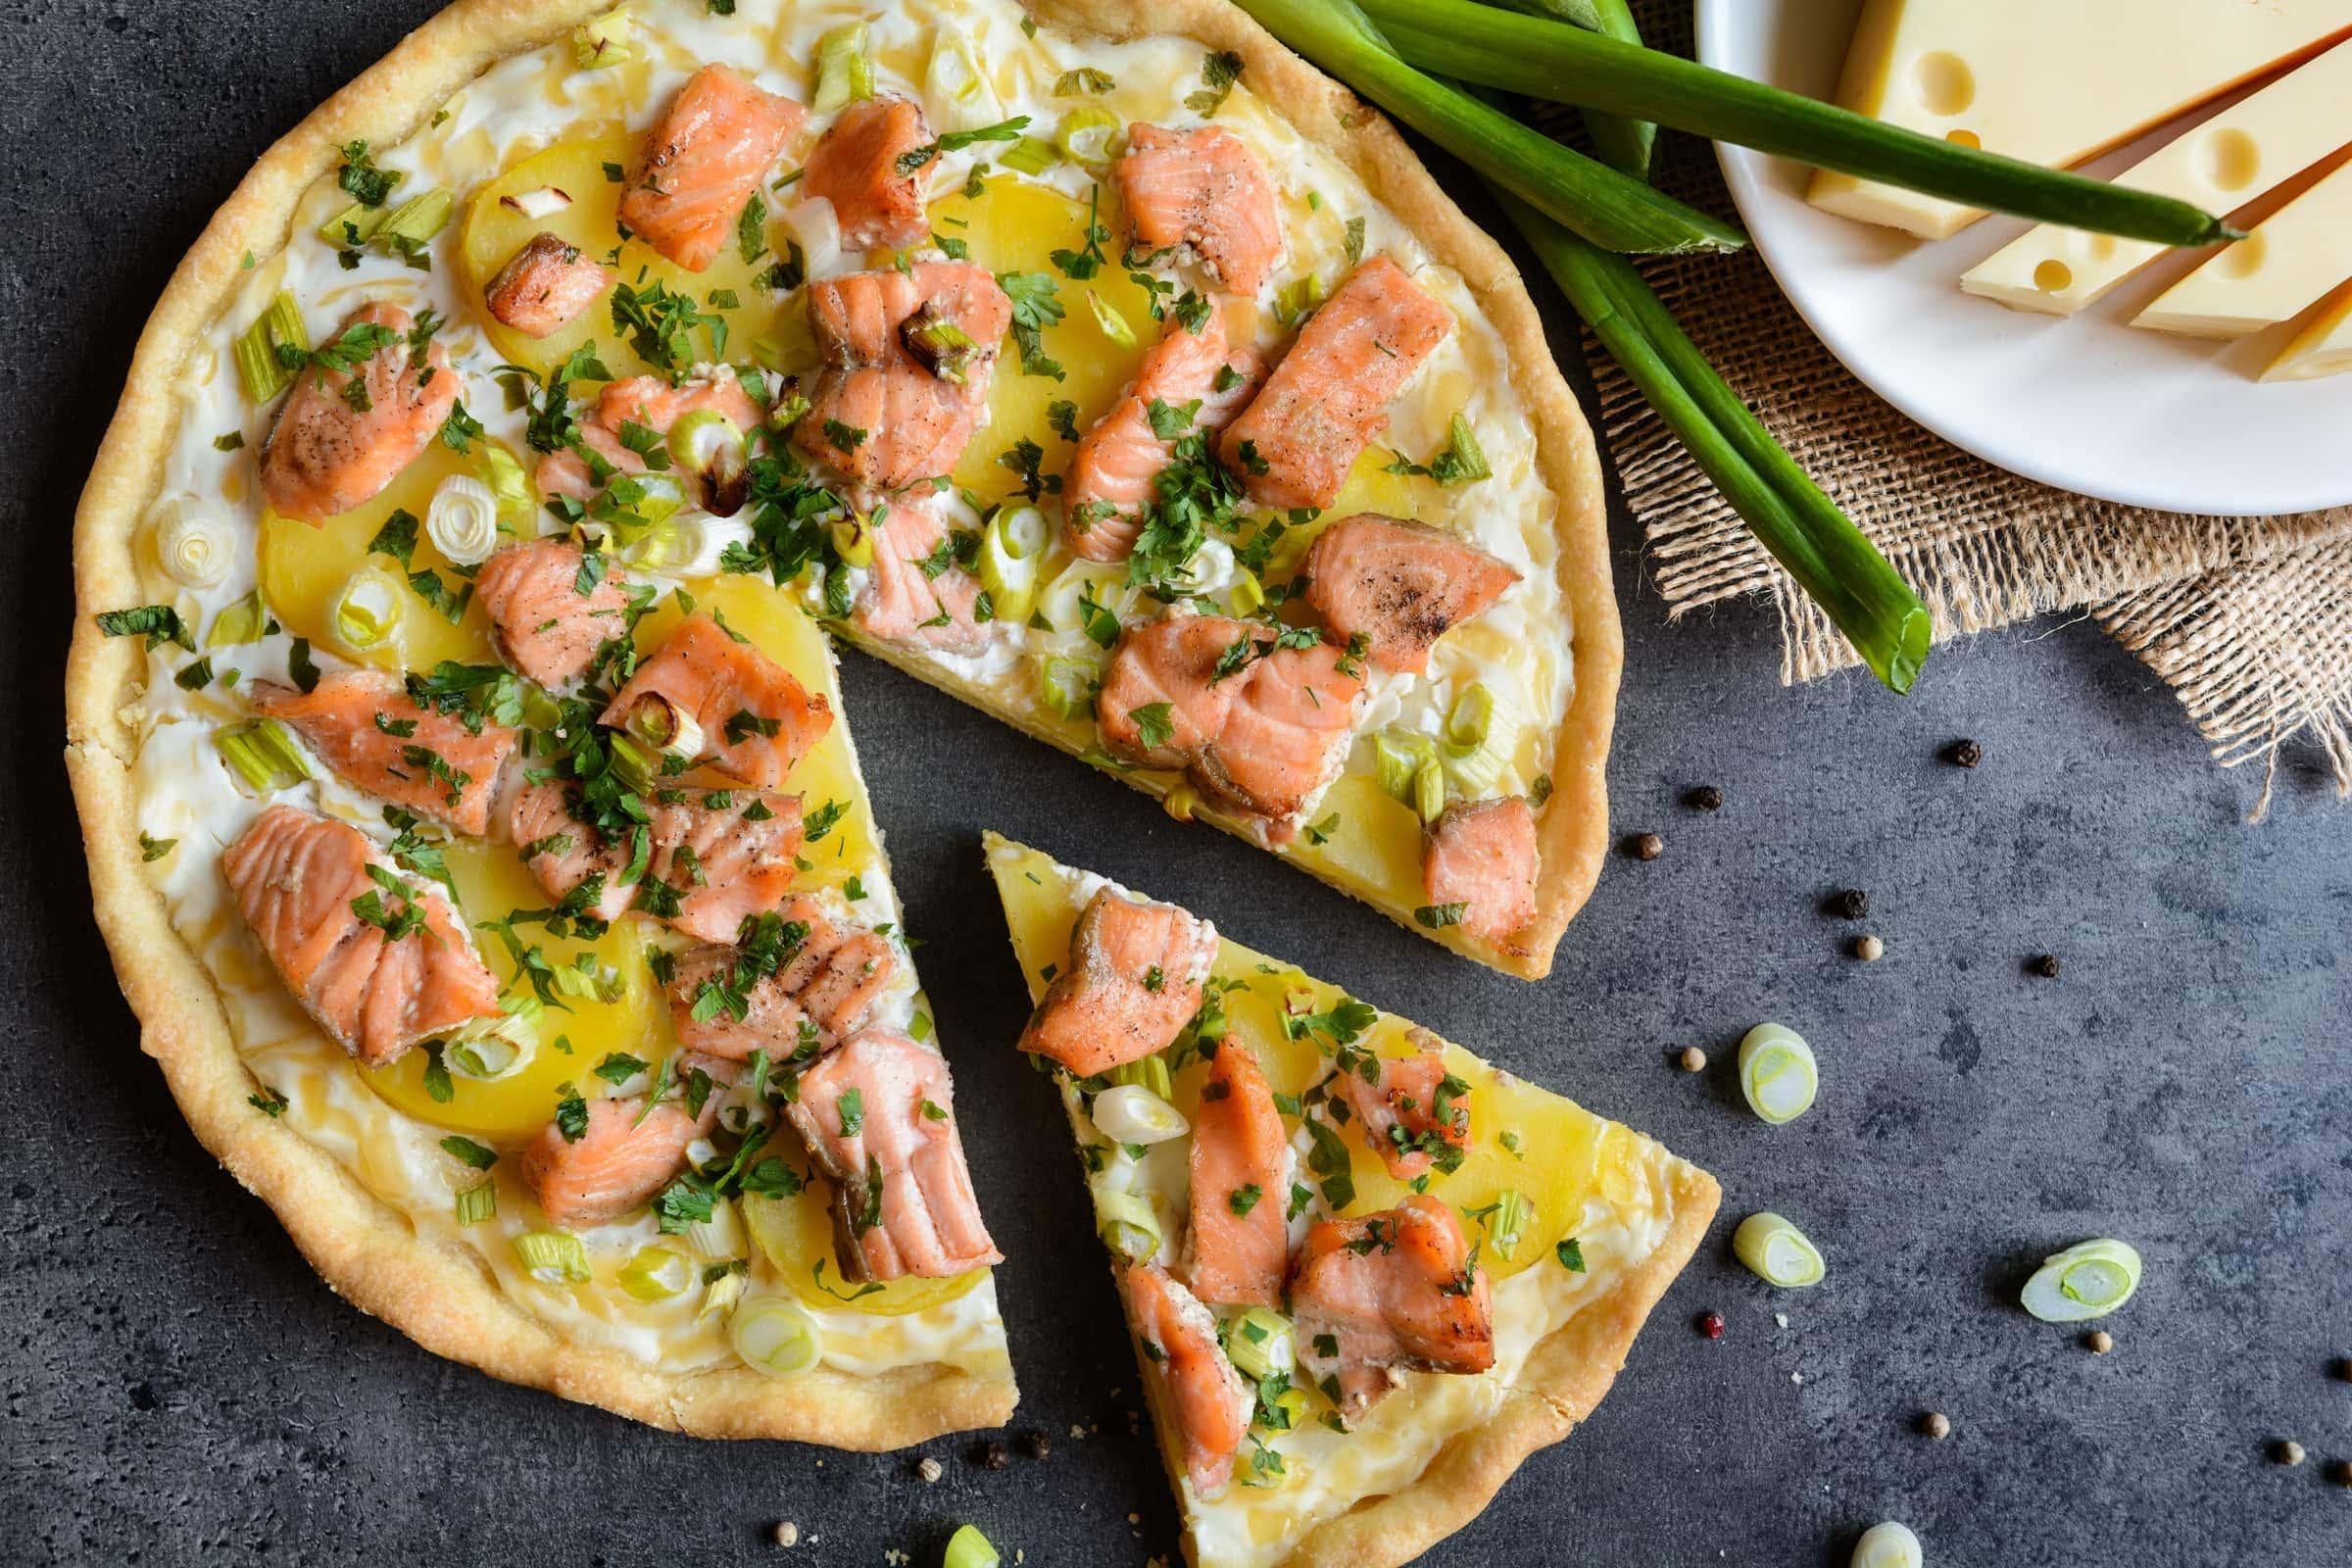 Ricetta Quiche Salmone E Zucchine.Ricetta Torta Salata Con Salmone E Patate Il Club Delle Ricette